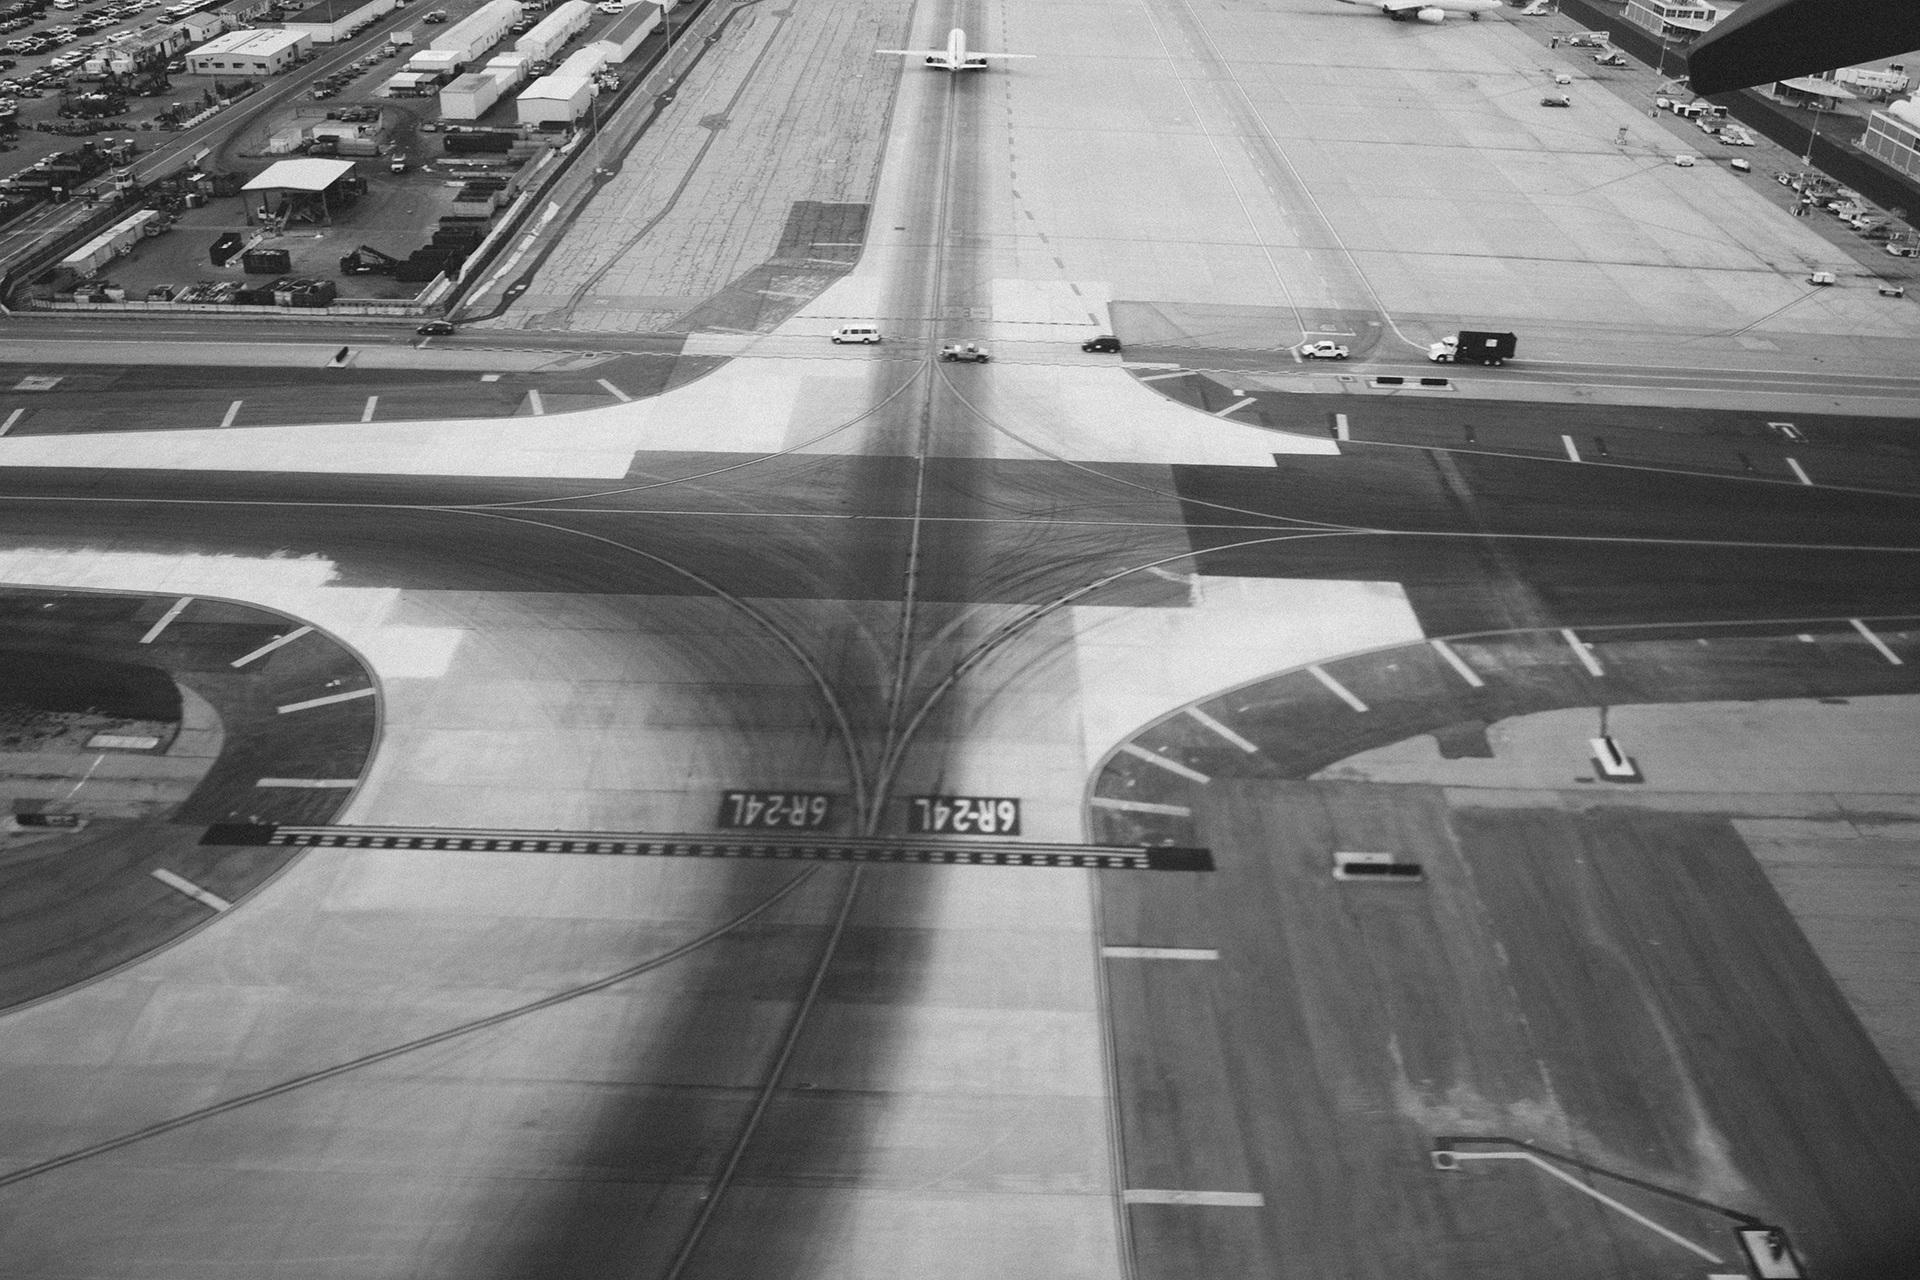 飛行場デザイン